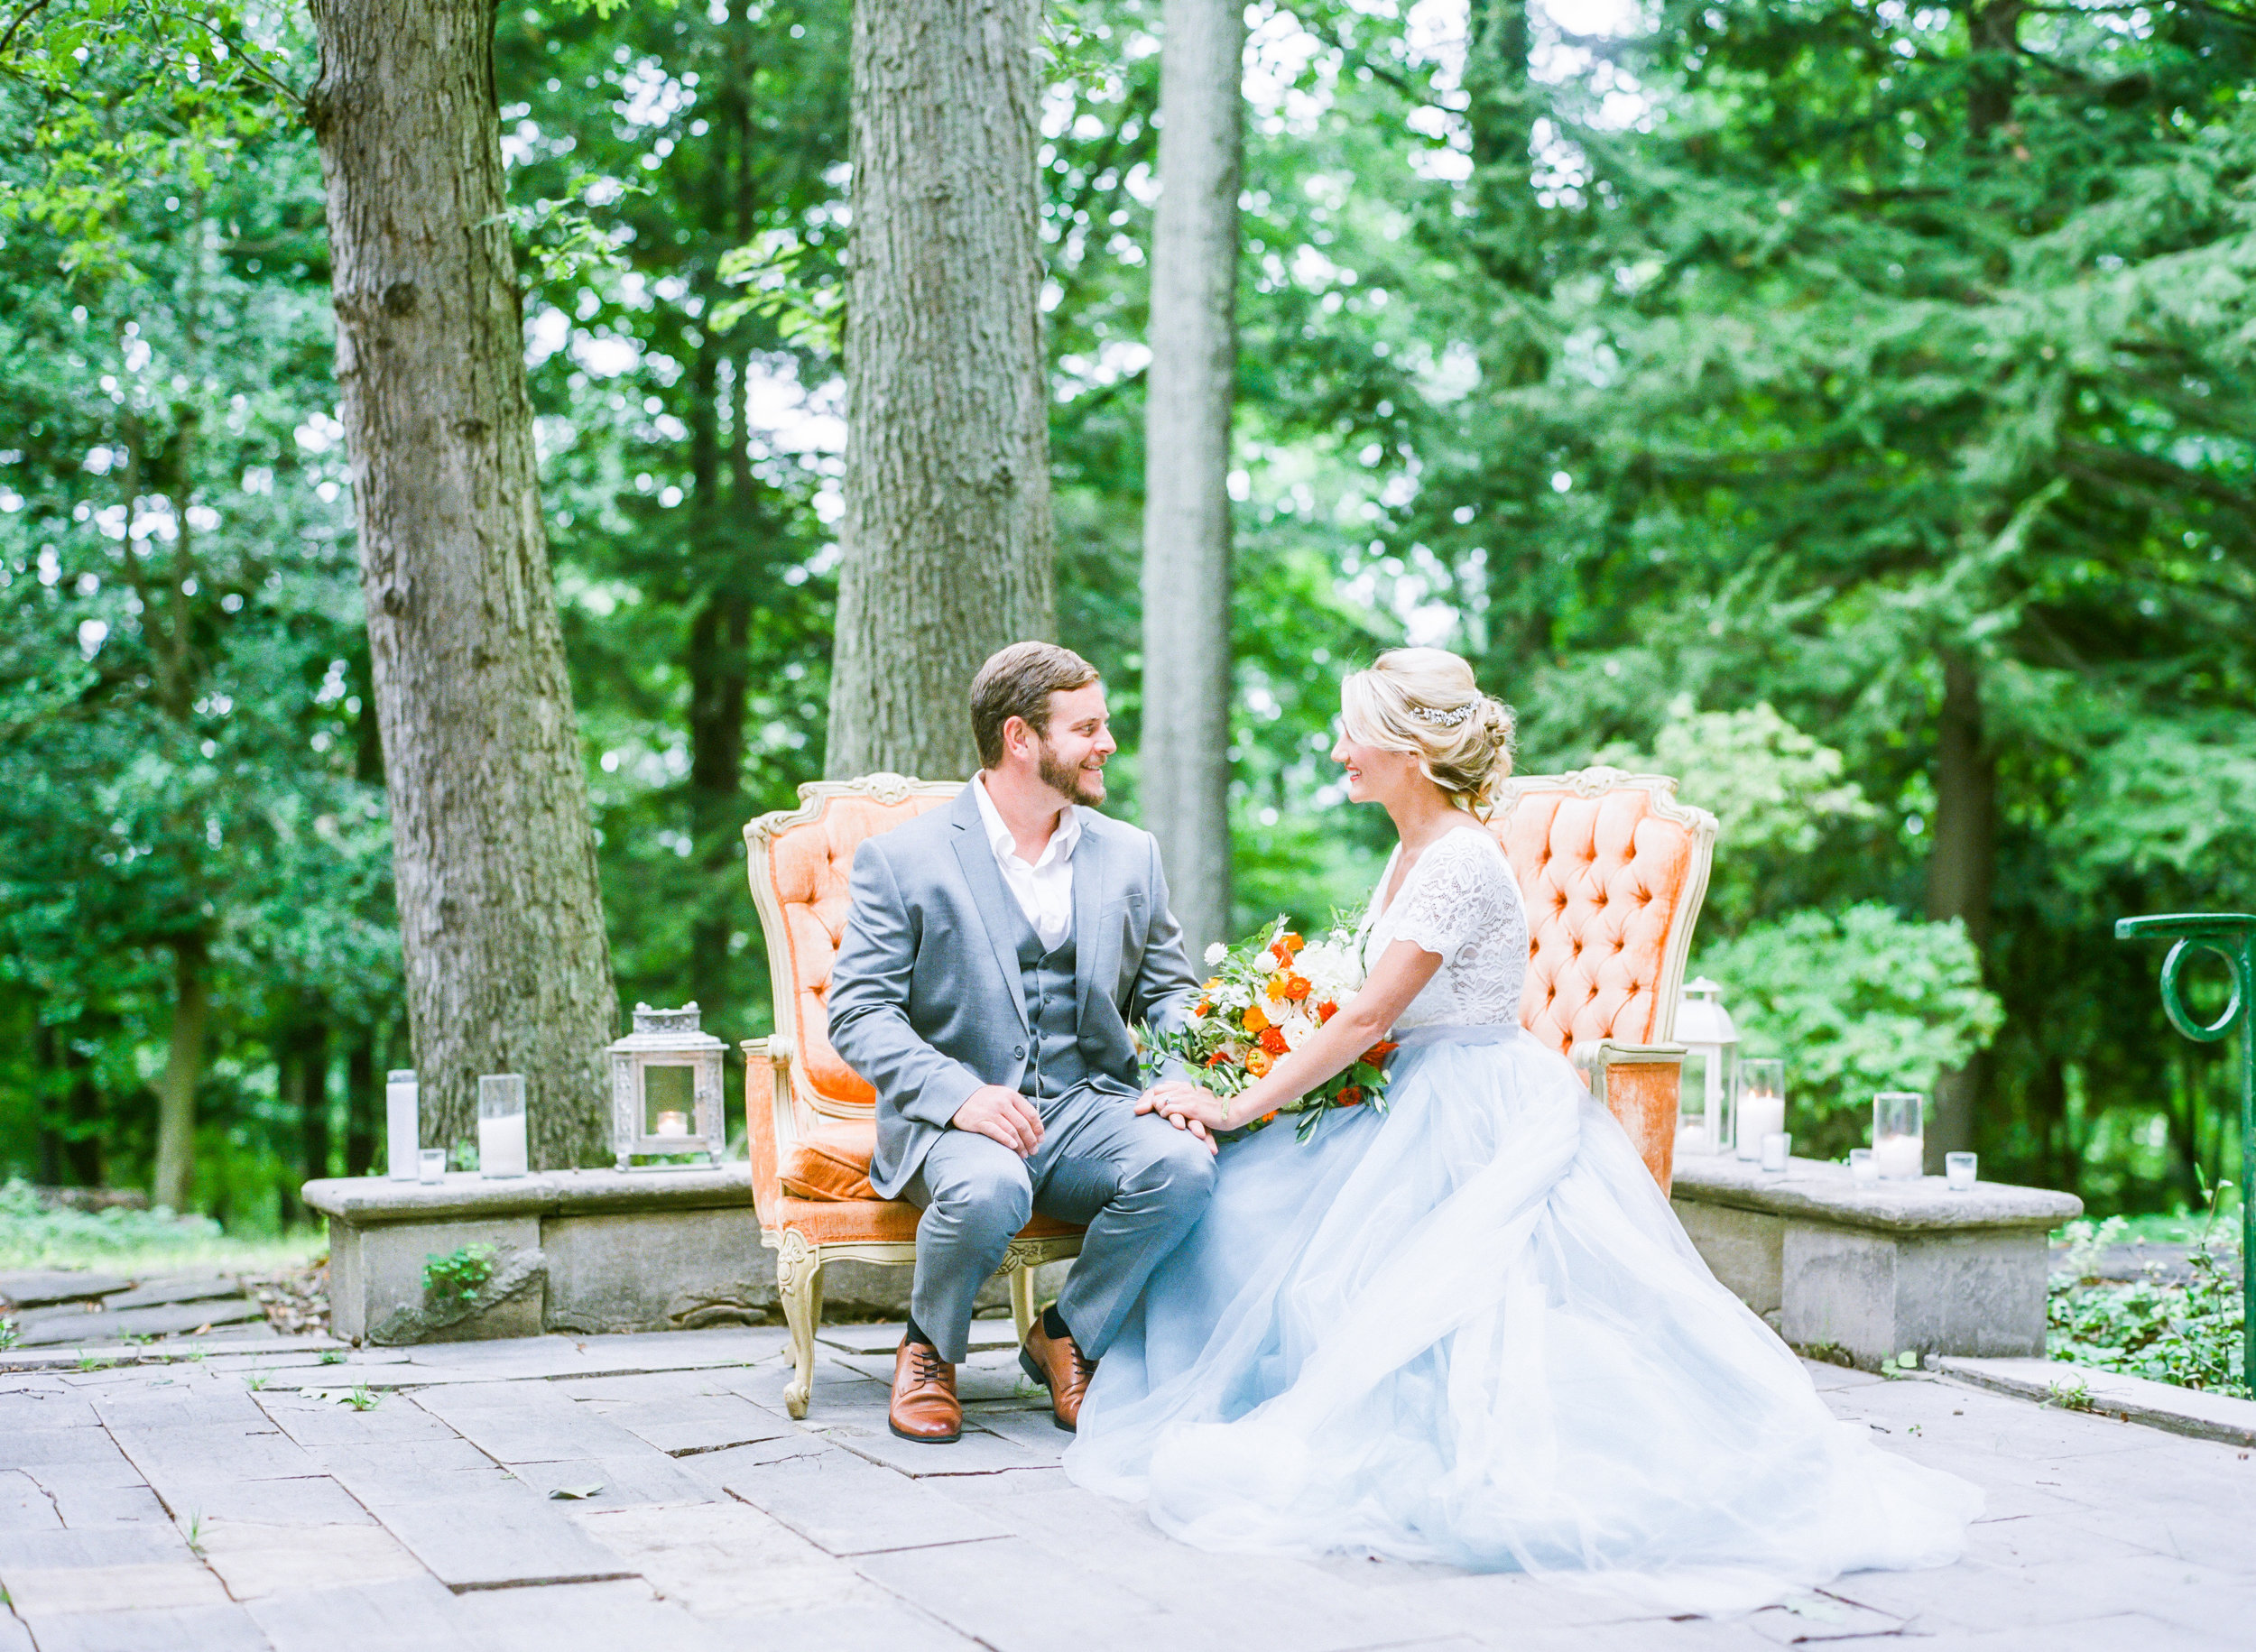 Jessica-Garda-Events-Pittsburgh-Wedding-Planner-Mansion-Butler-Blue-Grey-Orange-Palette (135).jpg